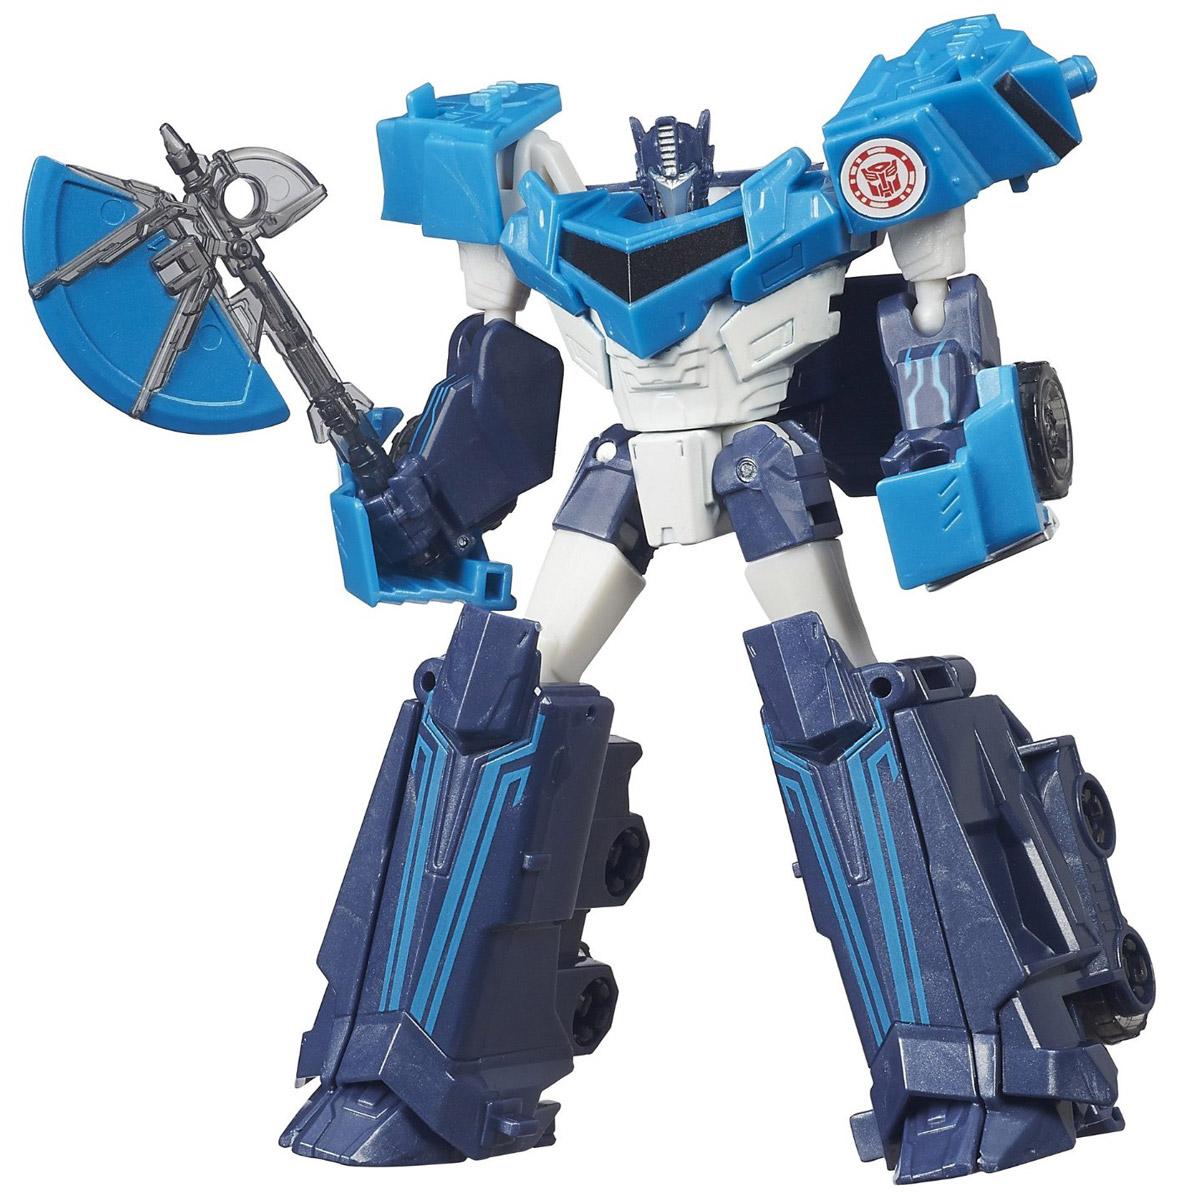 Transformers Трансформер Blizzard Strike Optimus PrimeB0070_B4685Трансформер Transformers Blizzard Strike Optimus Prime обязательно привлечет внимание всех юных поклонников знаменитых Трансформеров! Фигурка выполнена из прочного пластика в виде трансформера- Оптимуса Прайма. Путь Оптимуса Прайма лежал через великие битвы против врага, который угрожает не только родной планете Трансформеров, но и всей вселенной. Мегатрон со своей безумной жаждой к власти желает не просто захватить все планеты во вселенной, но и сделать рабами каждое живое создание, и каждый, кто пойдет против него будет уничтожен как его армией Десептиконов и лично им. Он жесток, и может расправиться за не выполнение приказа с собственными солдатами, давая понять остальным, что он не потерпит, чтобы кто-то его ослушался. Всего один заряд из его сверхмощного орудия может, уничтожить десятки вражеских бойцов, оставляя от тех всего лишь пыль. И не каждый осмелится выступить против такого орудия, даже самые храбрые из Десептиконов с трепетом вспоминают мощь орудия Оптимуса Прайма....